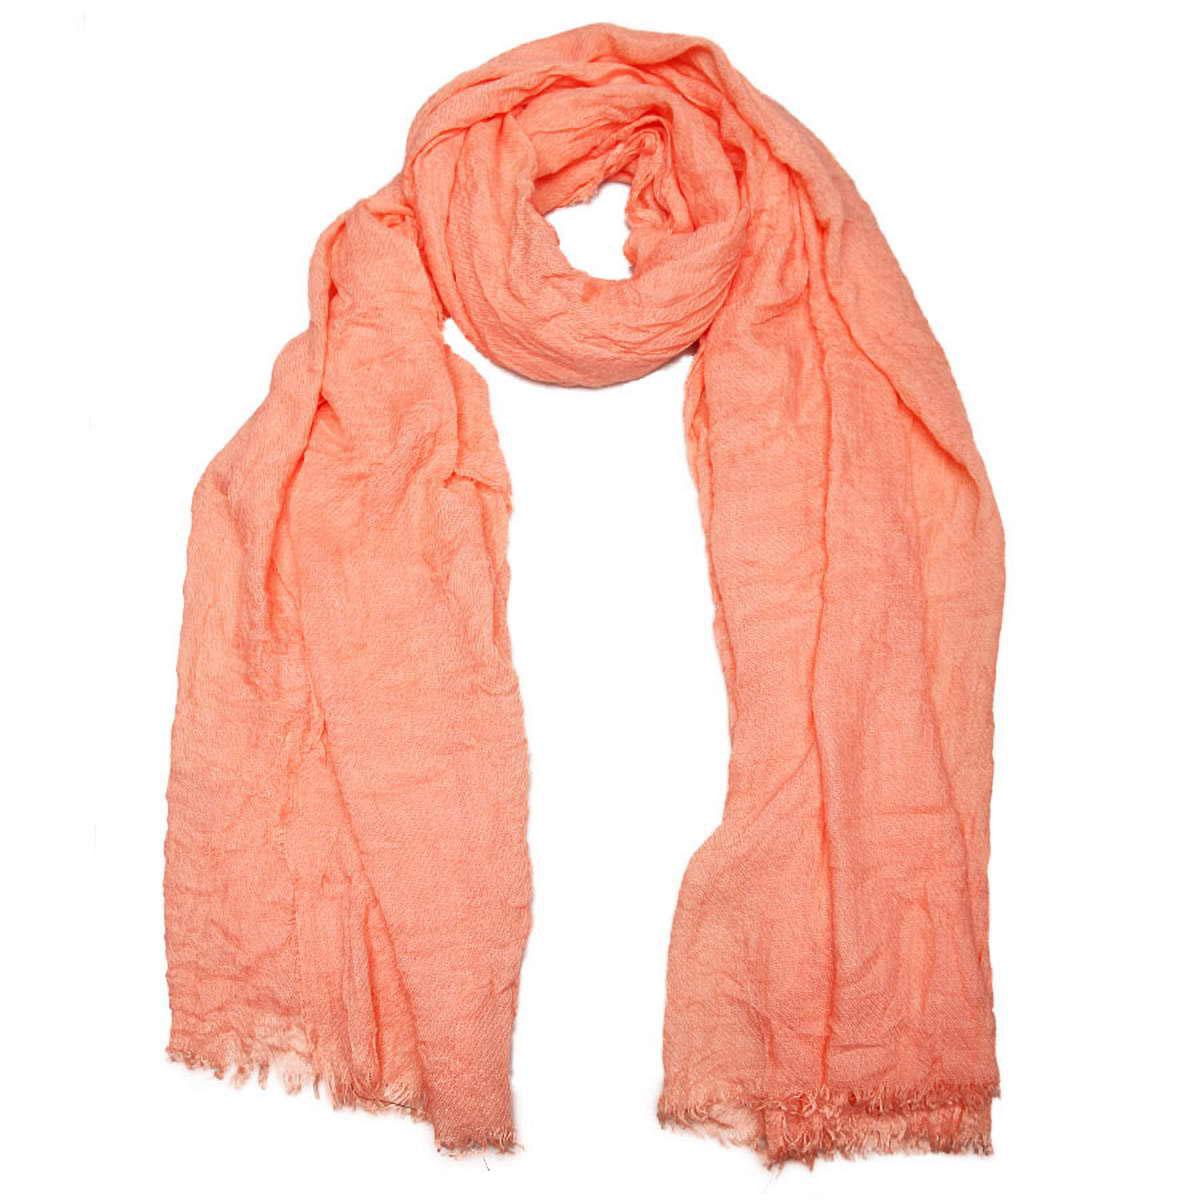 Палантин женский Venera, цвет: коралловый. 3415601-05. Размер 90 см х 200 см3415601-05Элегантный однотонный женский палантин Venera изготовлен из вискозы. Палантин имеет отличное качество и приятную текстуру материала, он подарит настоящий комфорт при носке, а большие размеры позволят завязать изделие множеством вариантов. Жатая структура ткани смотрится весьма оригинально.